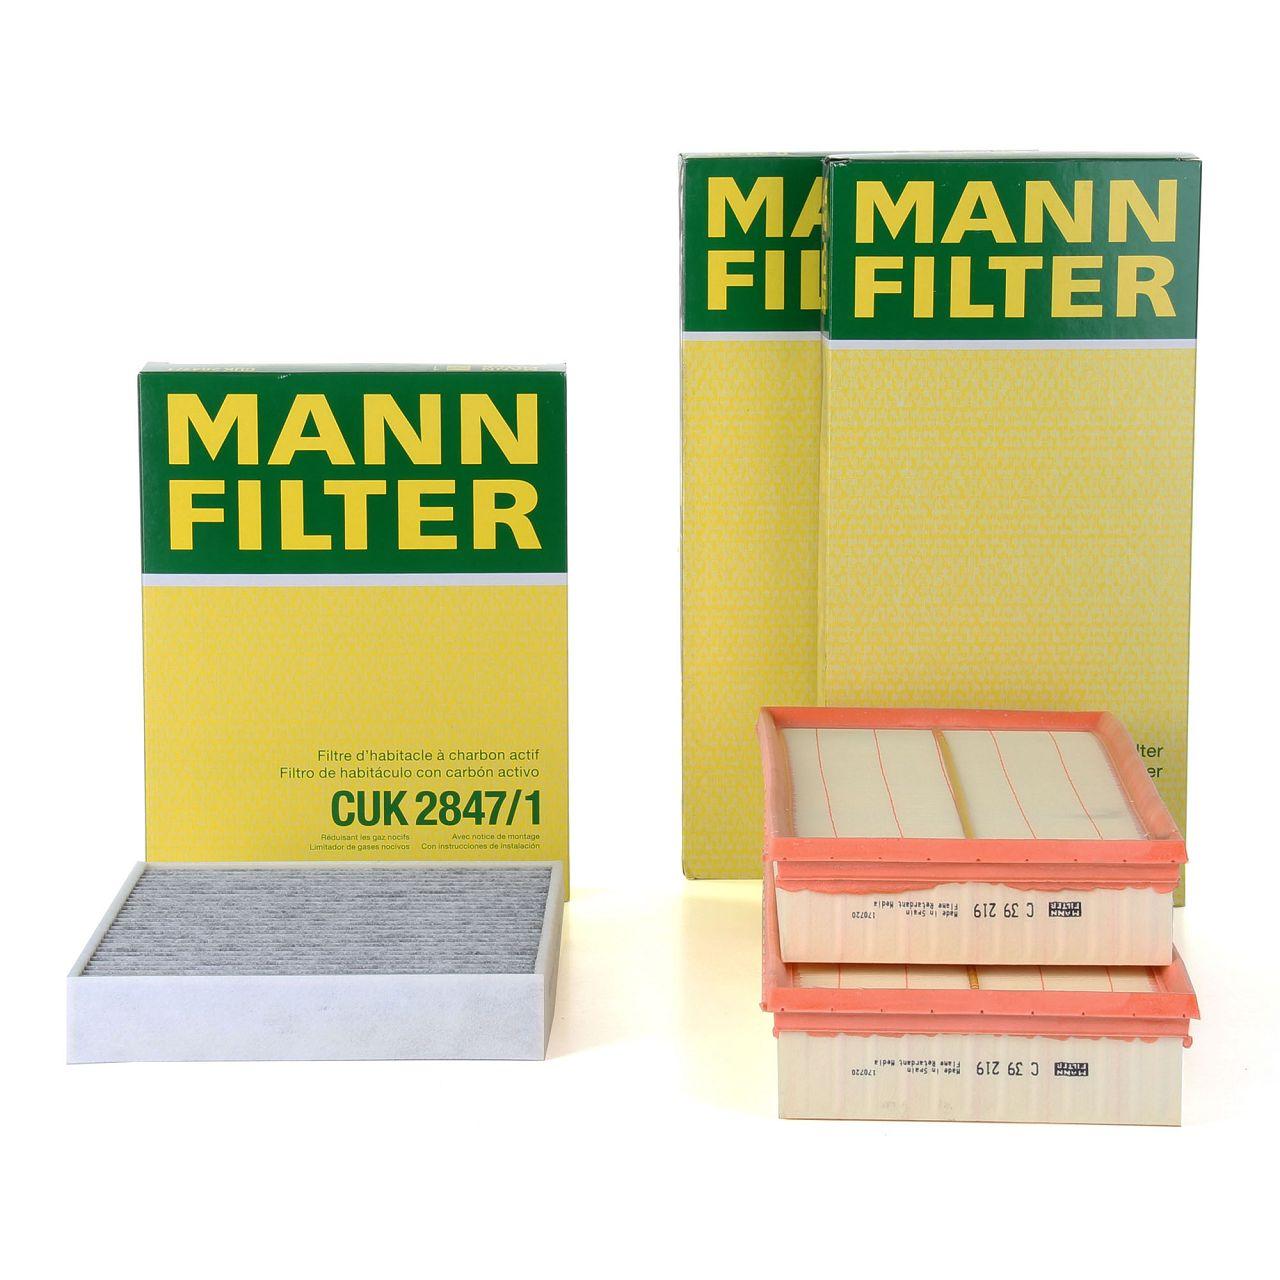 MANN Filterset für PORSCHE CAYENNE (92A) 4.8 4.2 DIESEL VW TOUAREG (7P5) 4.2 V8